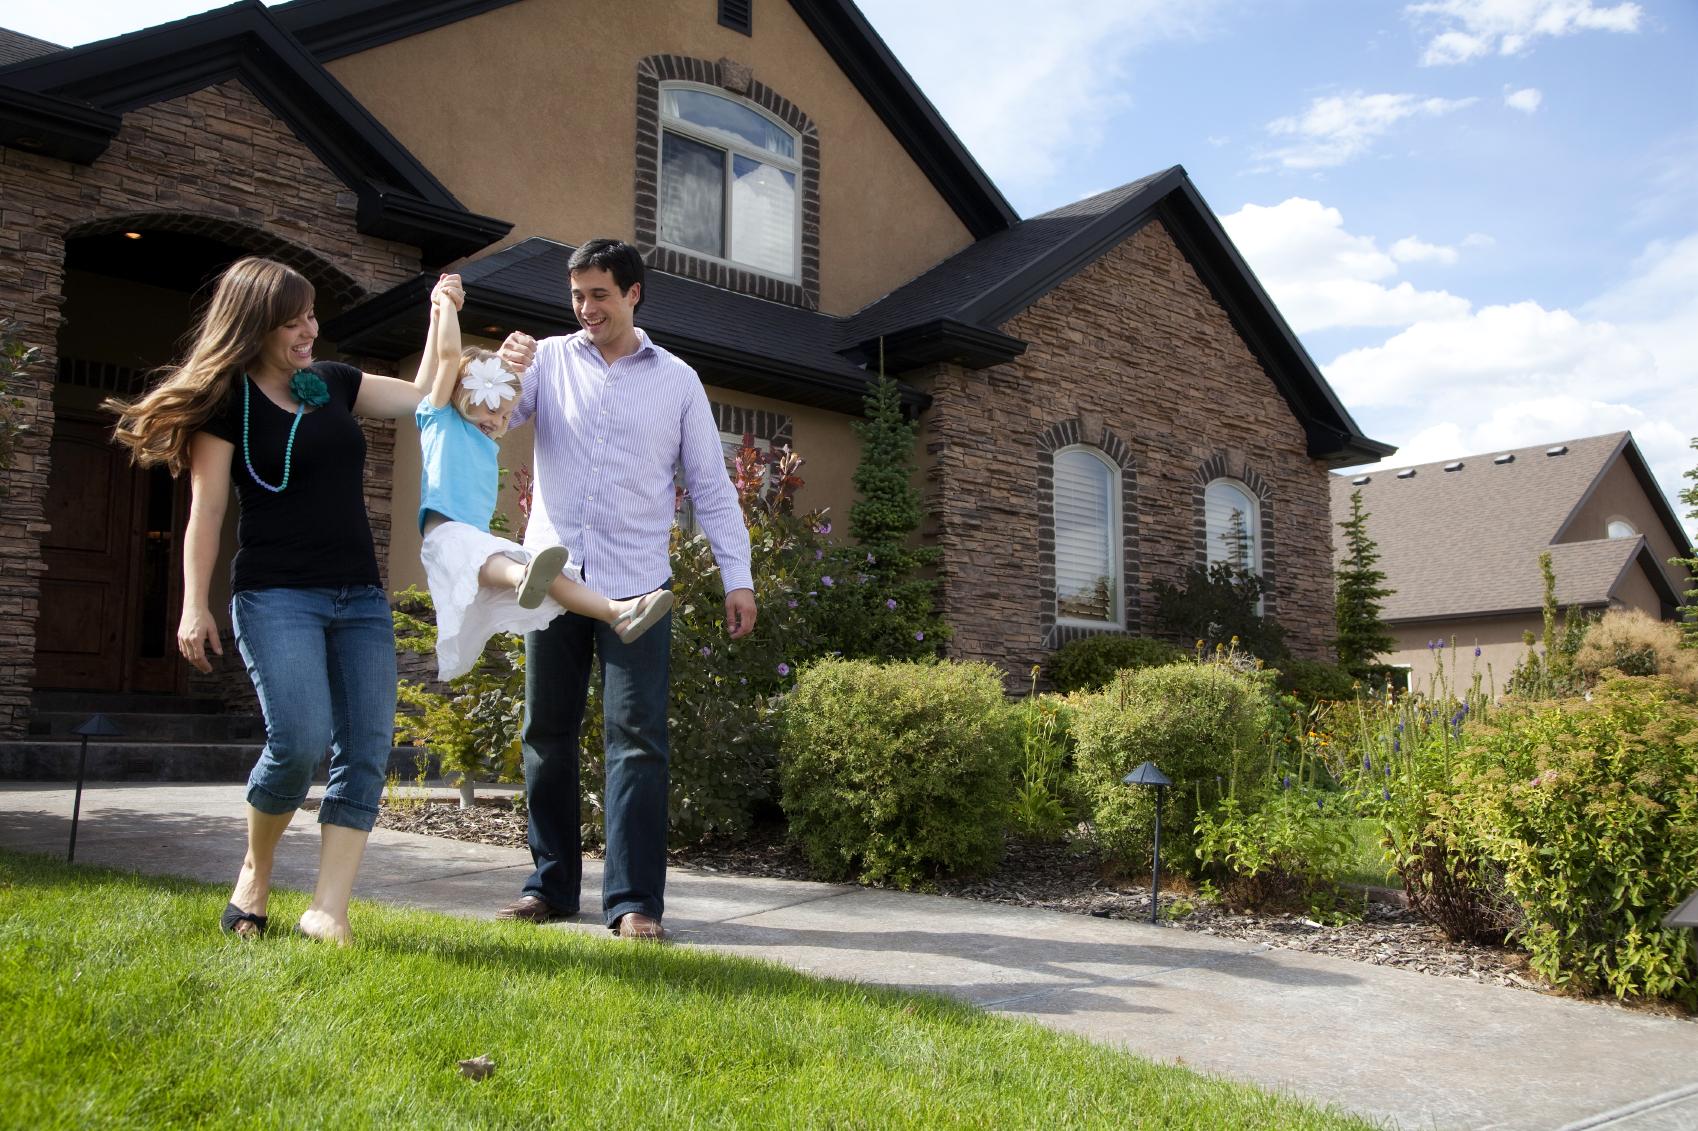 Family-leaving-house.jpg